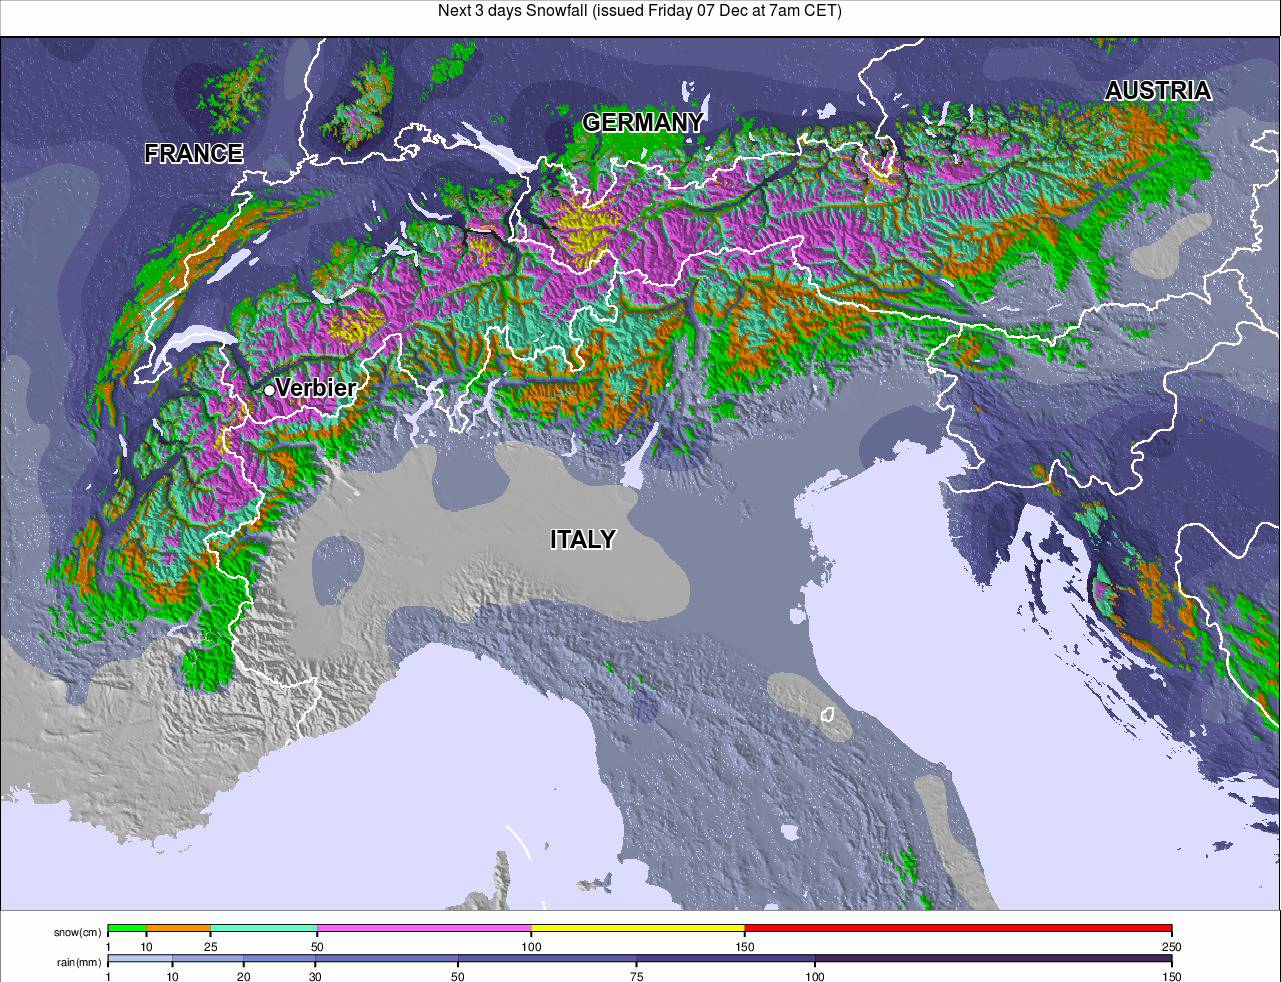 next 3 days alps snow forecast